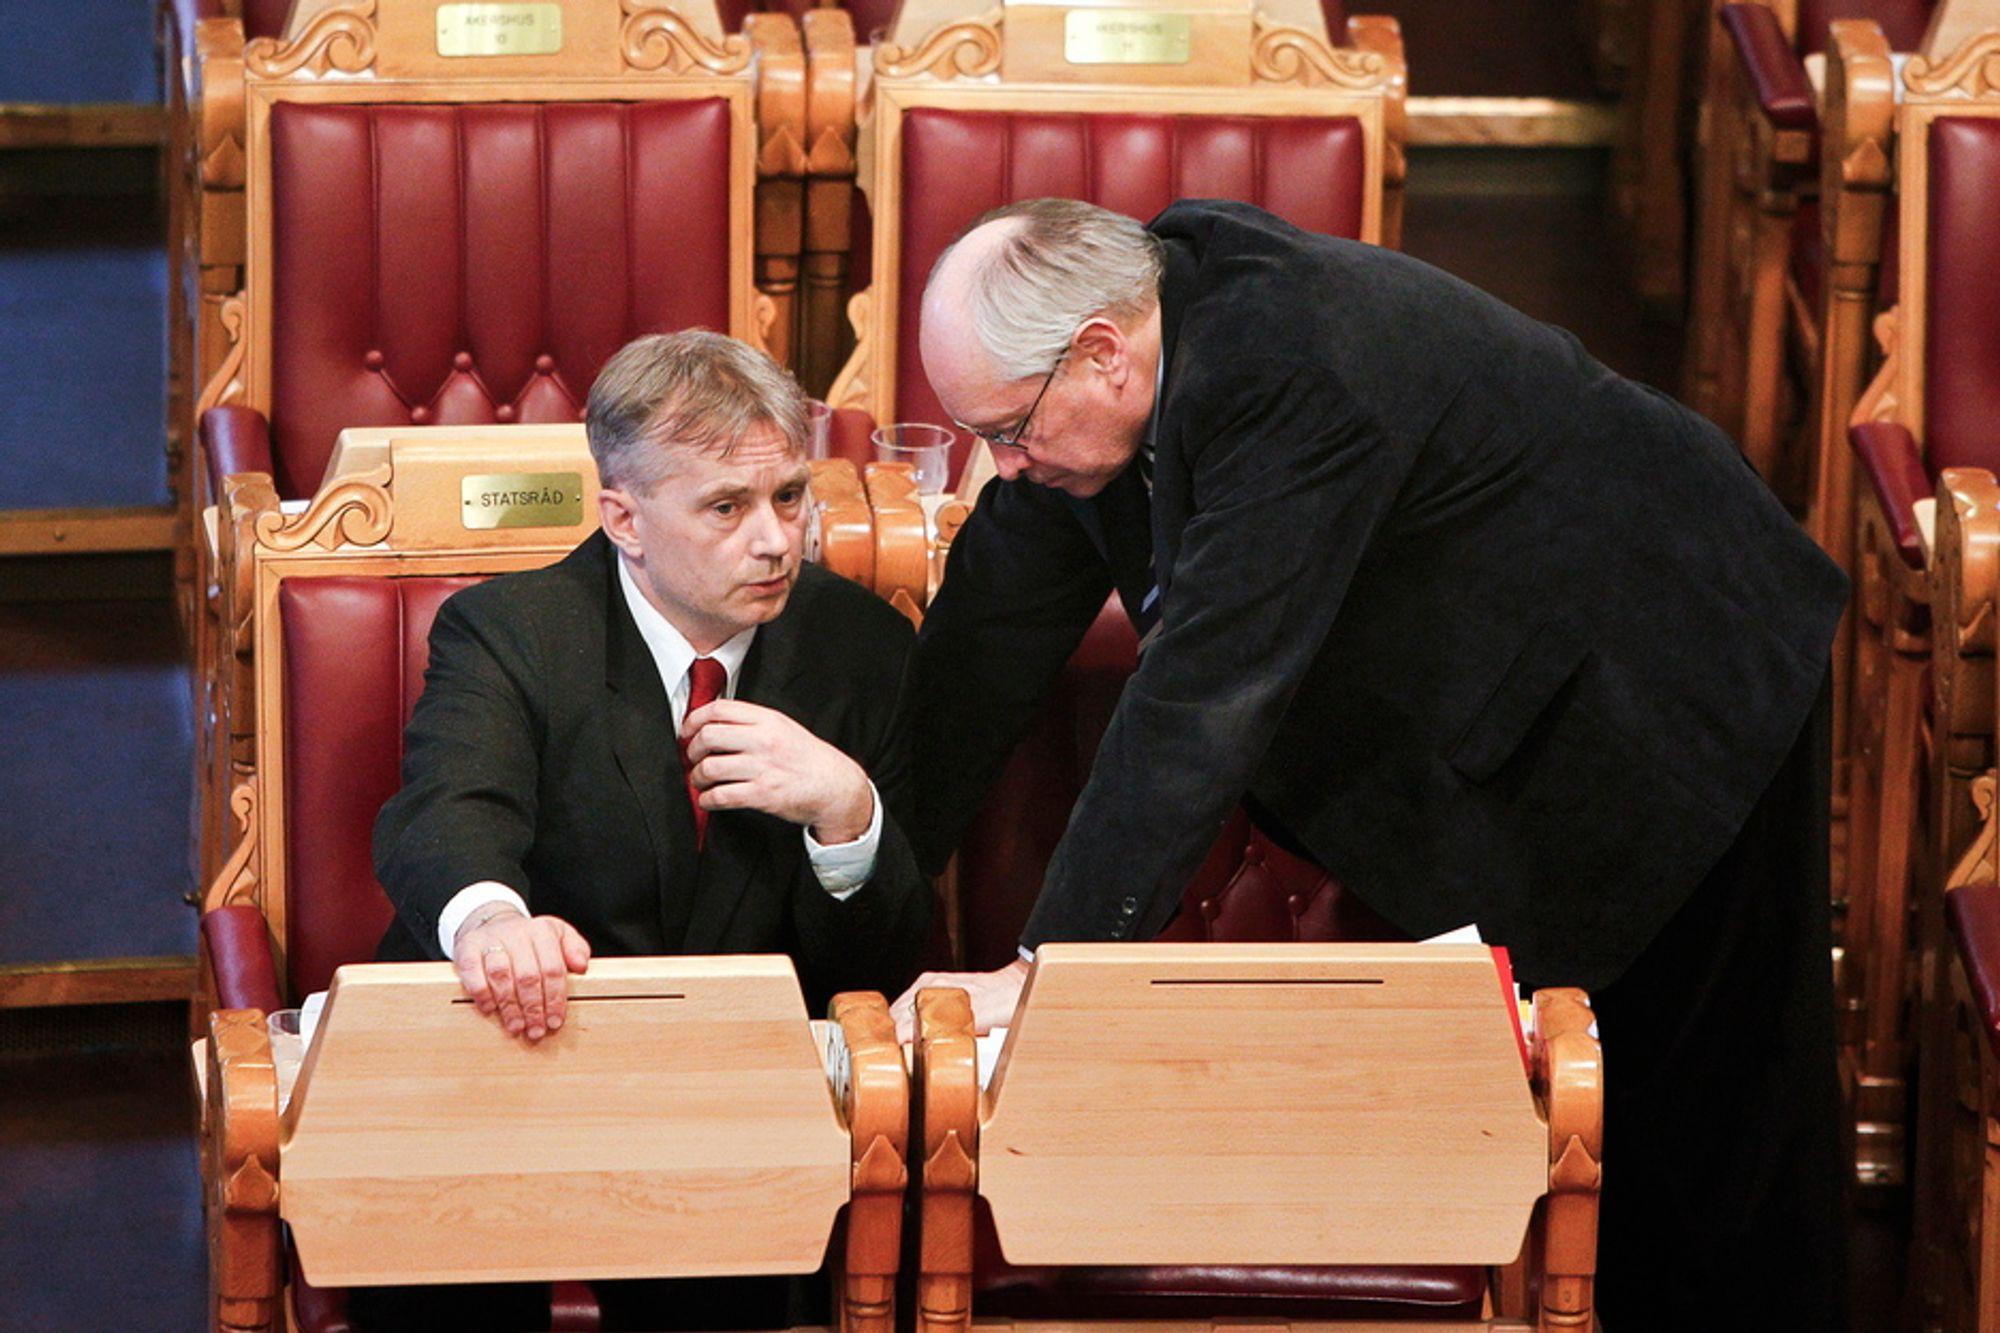 Justisminister Knut Storberget i samtale med Martin Kolberg (Ap) under behandlingen av datalagringsdirektivet i Stortinget mandag kveld.